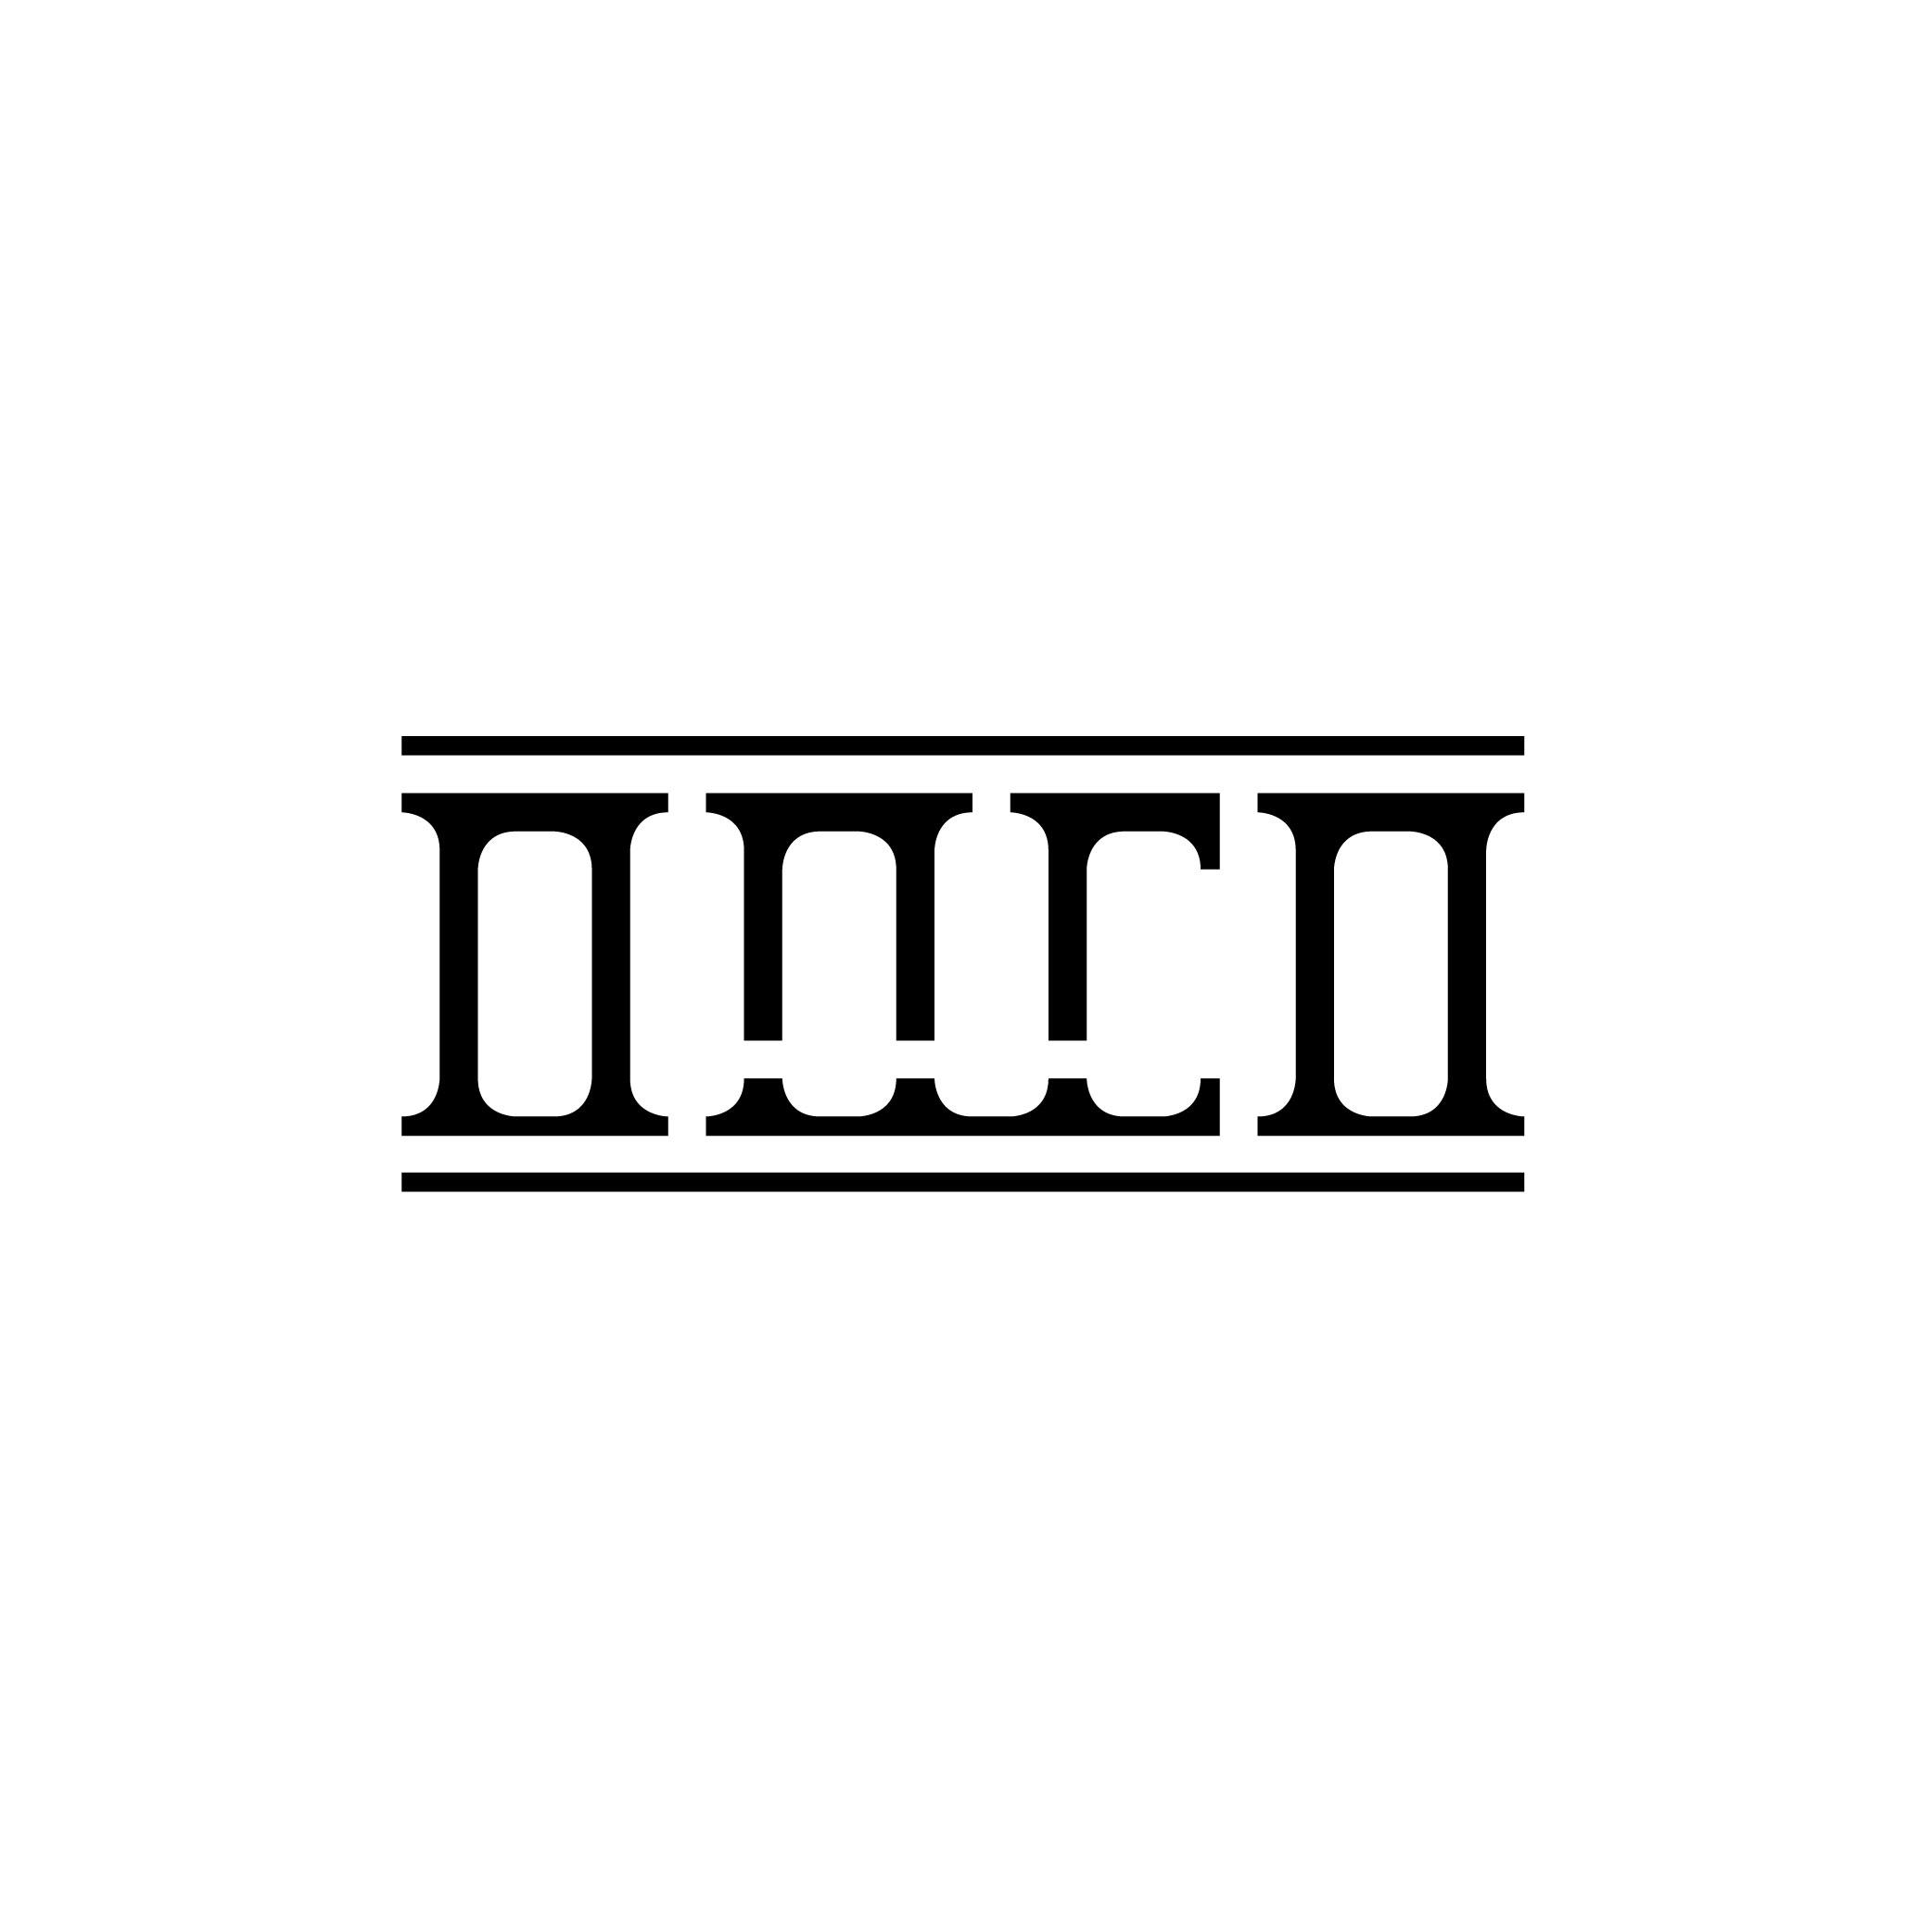 Логотип для Крафтовой Пивоварни фото f_8815cb02cb0dee5d.jpg